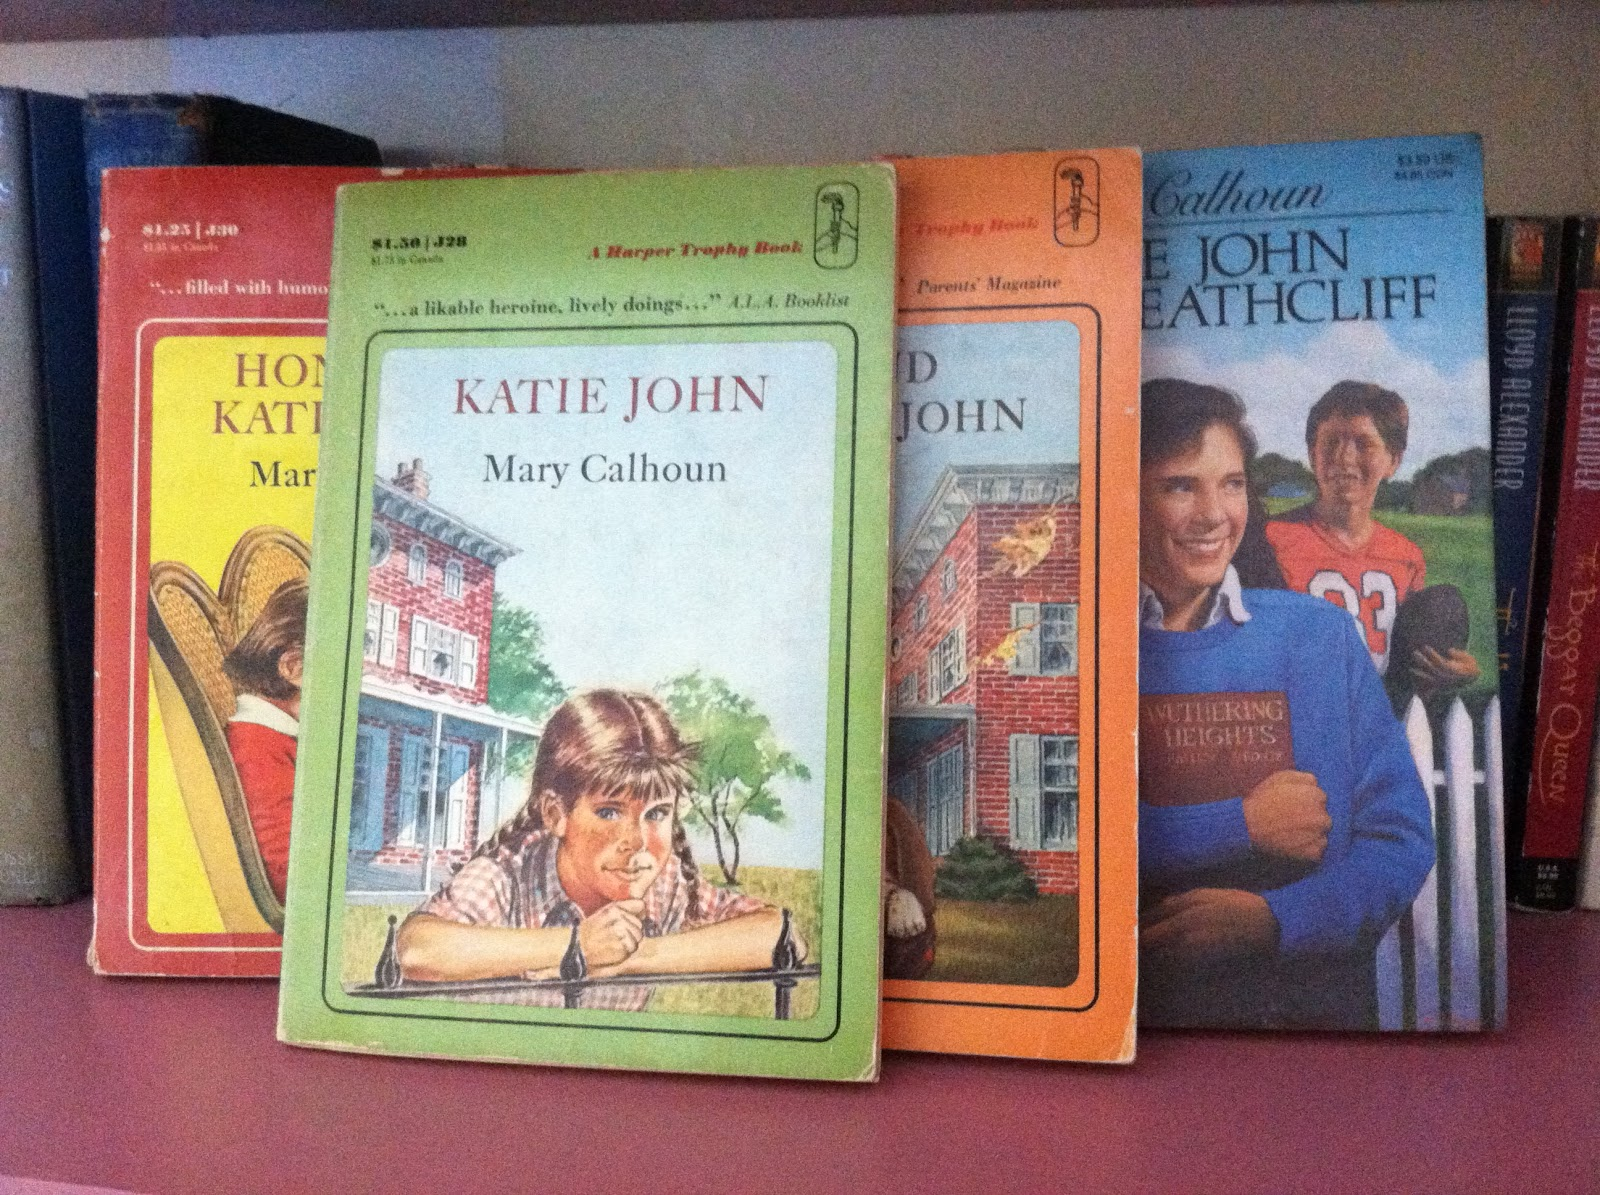 Katie John by Mary Calhoun